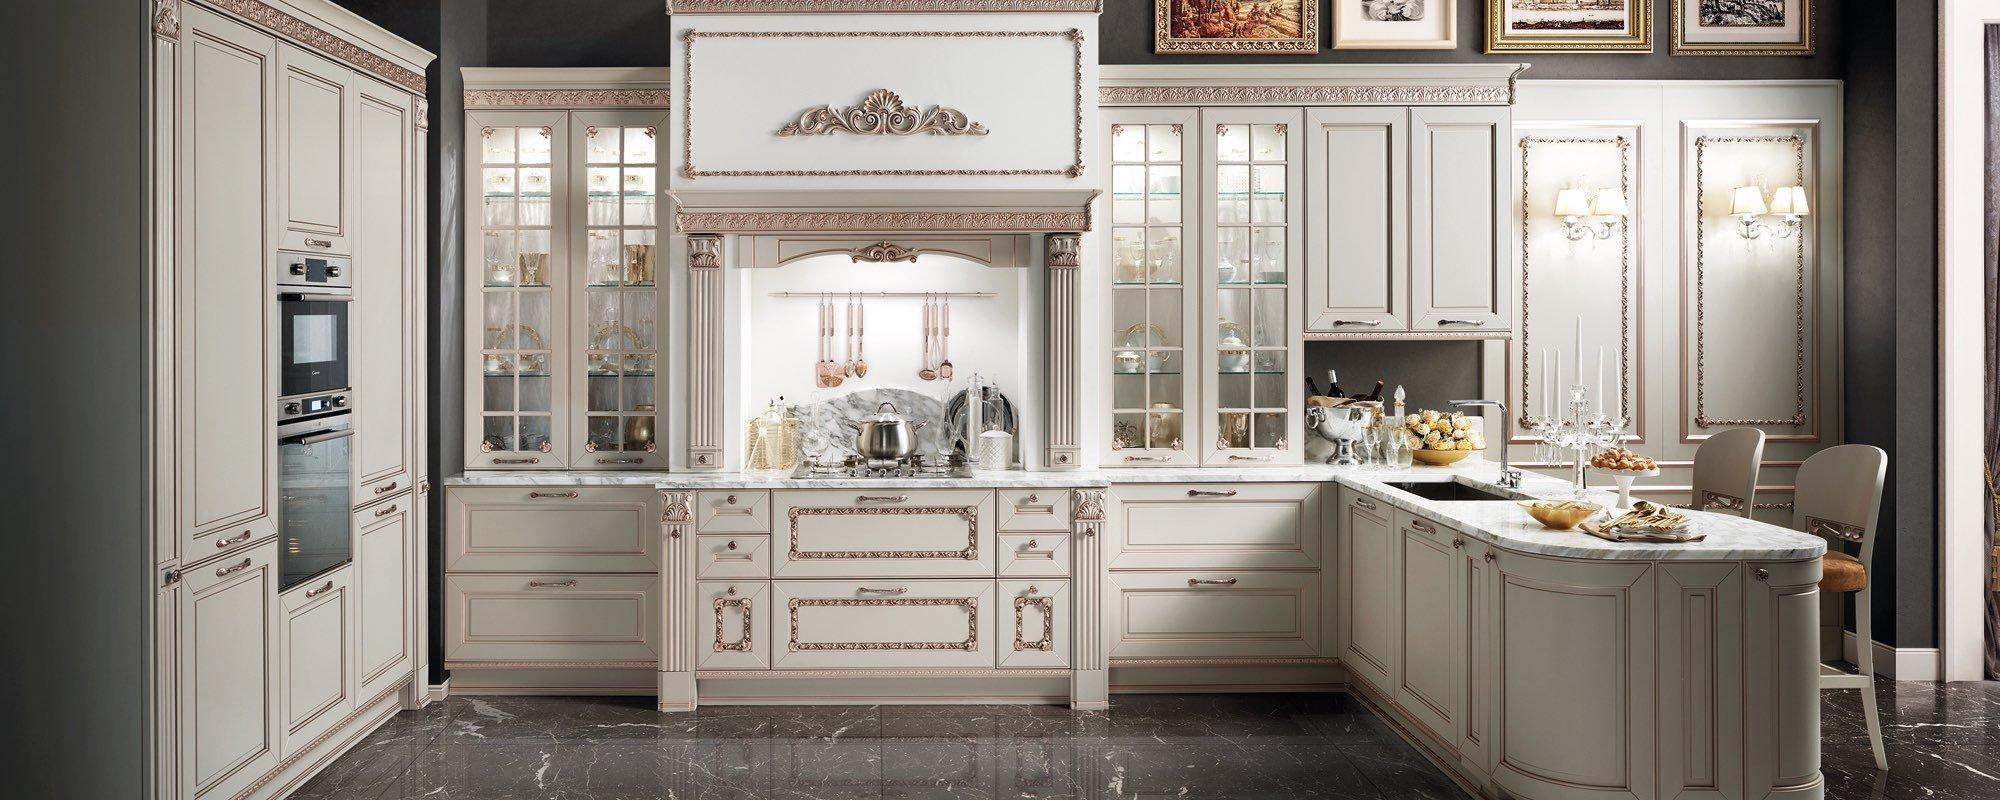 cucina classica bianca con tavolo e sedie -Dolcevita